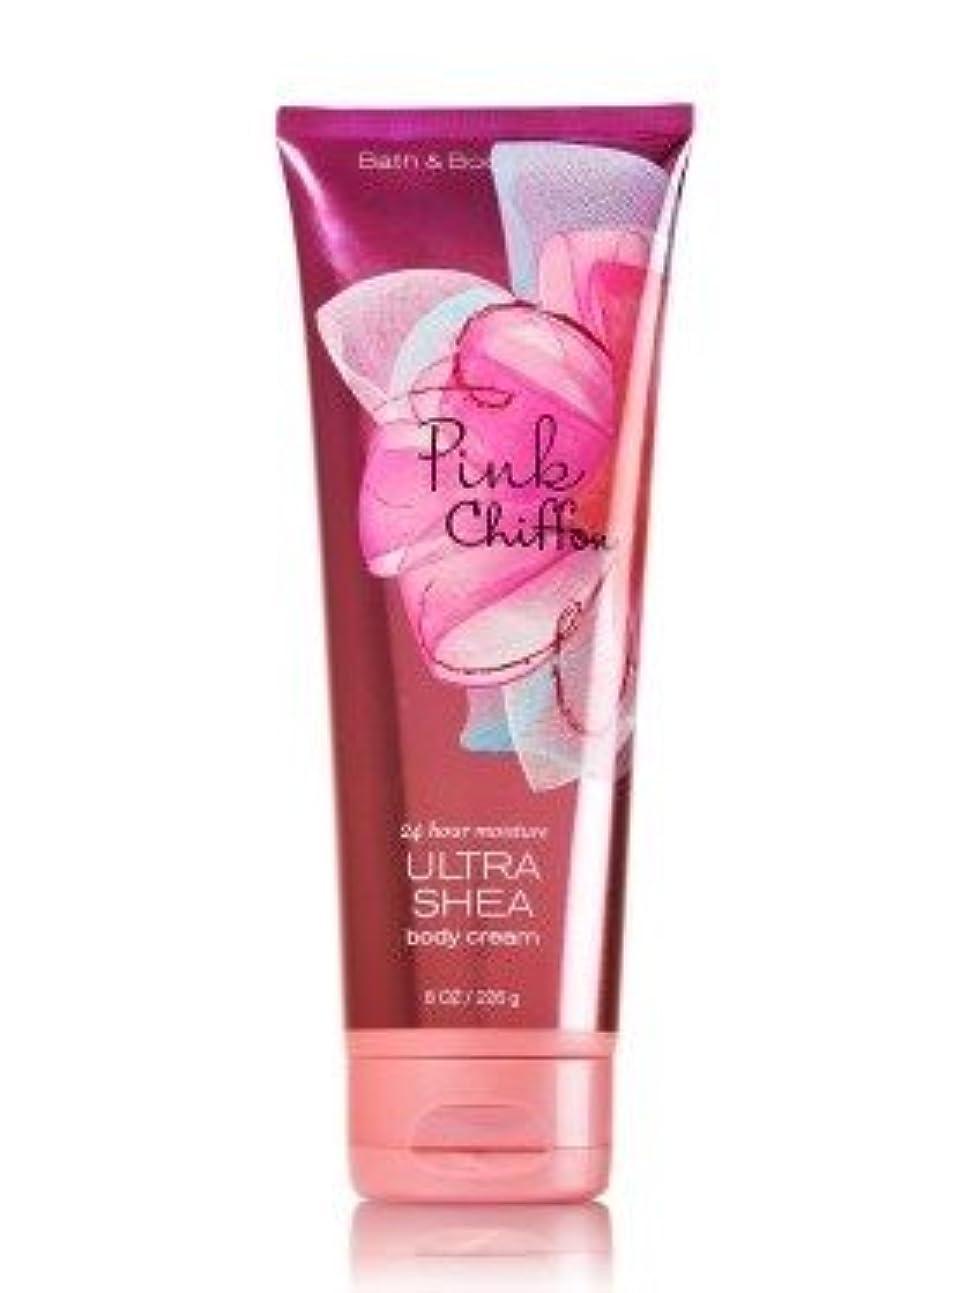 ワンダーアプライアンス赤道【Bath&Body Works/バス&ボディワークス】 ボディクリーム ピンクシフォン Ultra Shea Body Cream Pink Chiffon 8 oz / 226 g [並行輸入品]